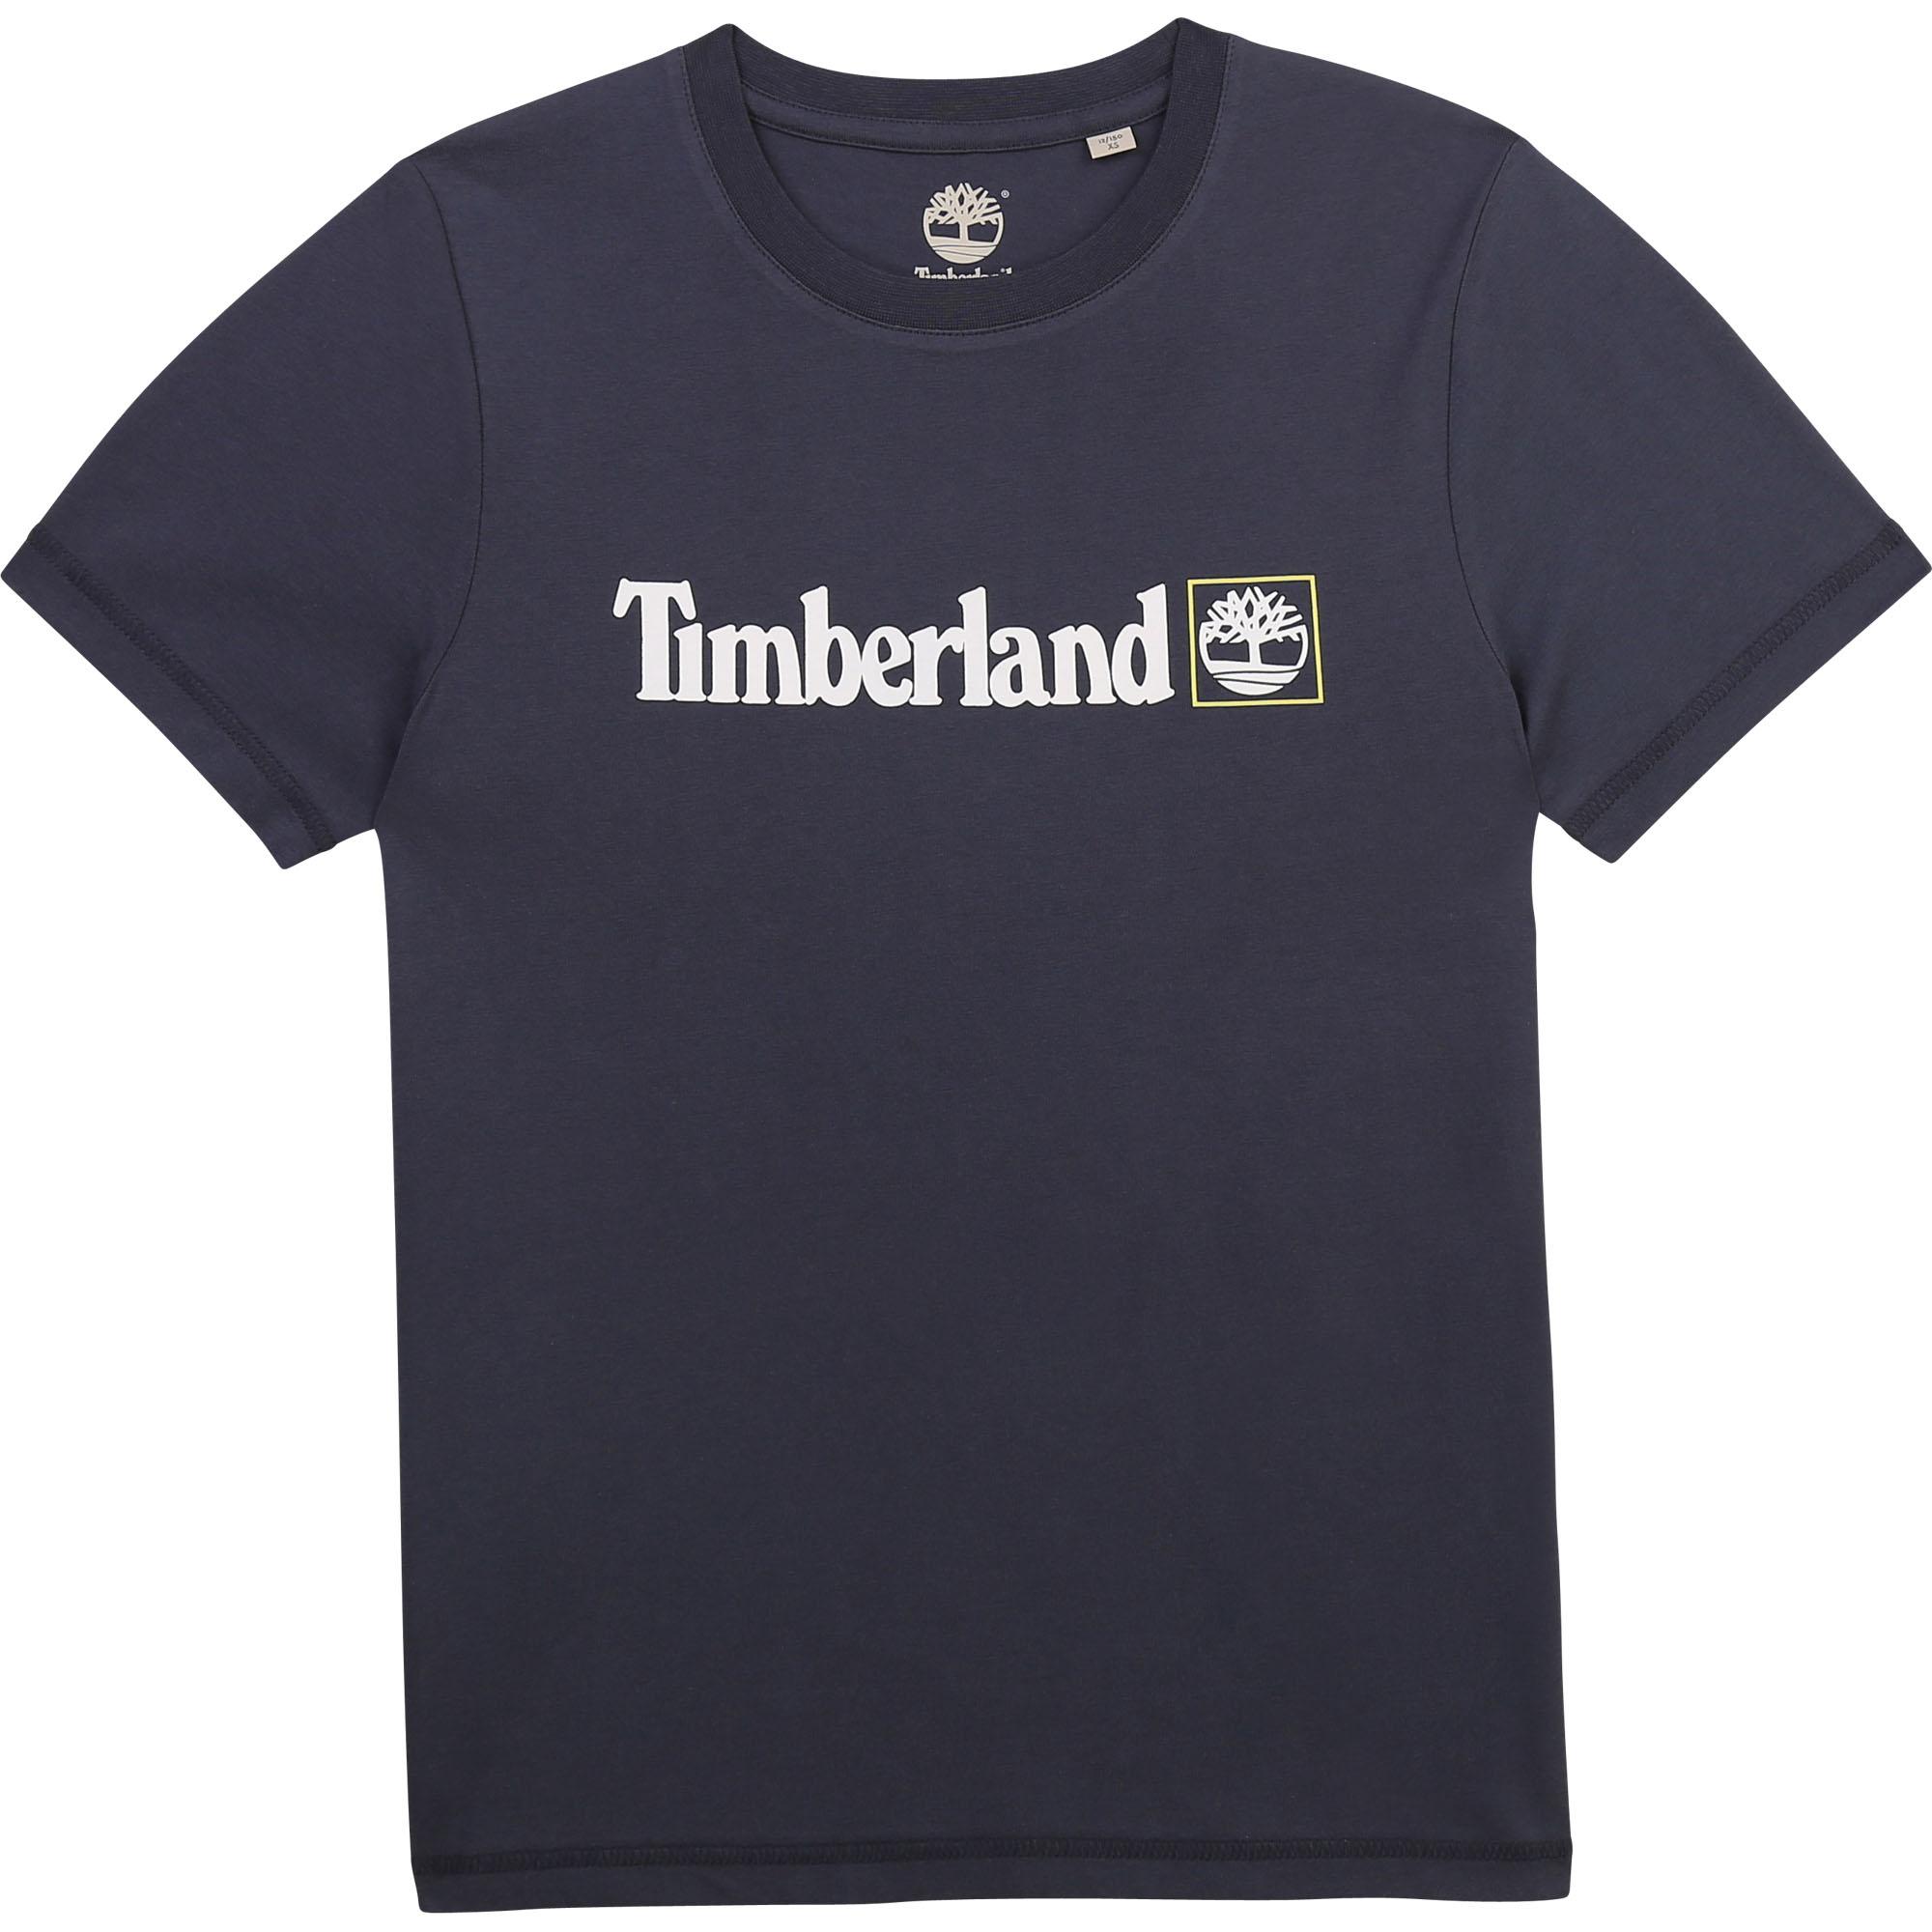 T-shirt manches courtes en coton biologique TIMBERLAND pour GARCON